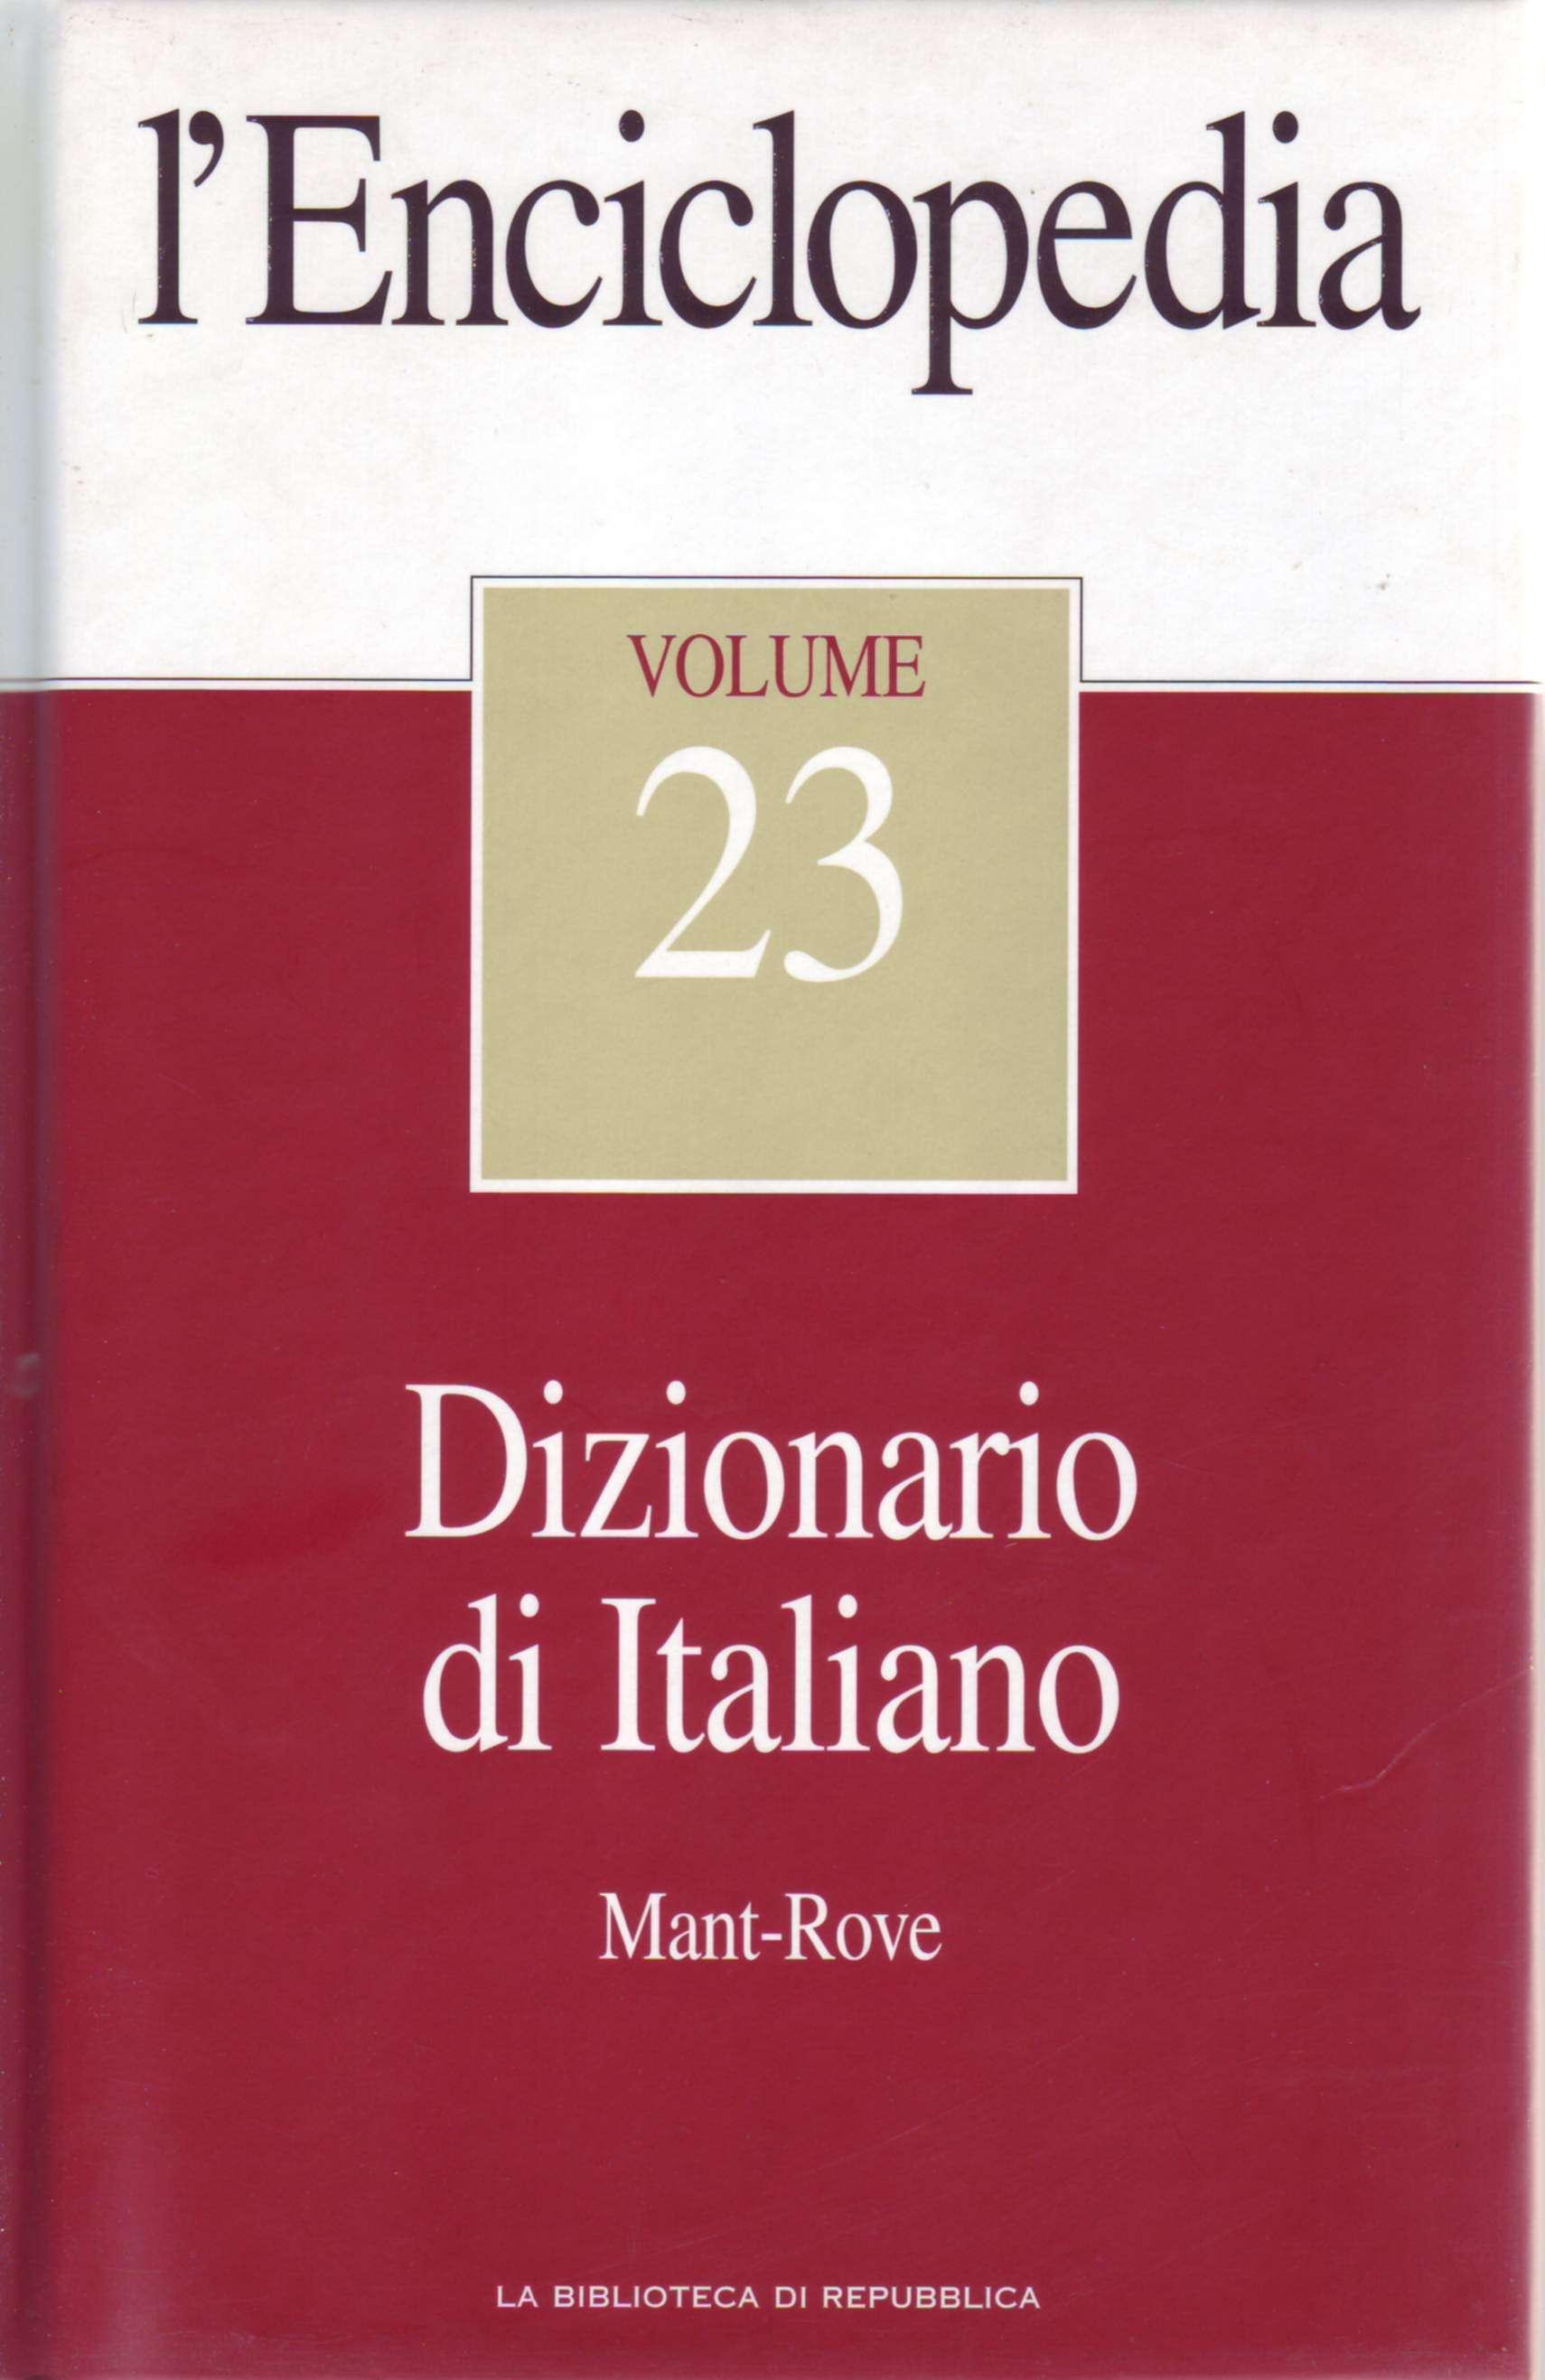 L'Enciclopedia - Vol. 23 - Dizionario di Italiano 3